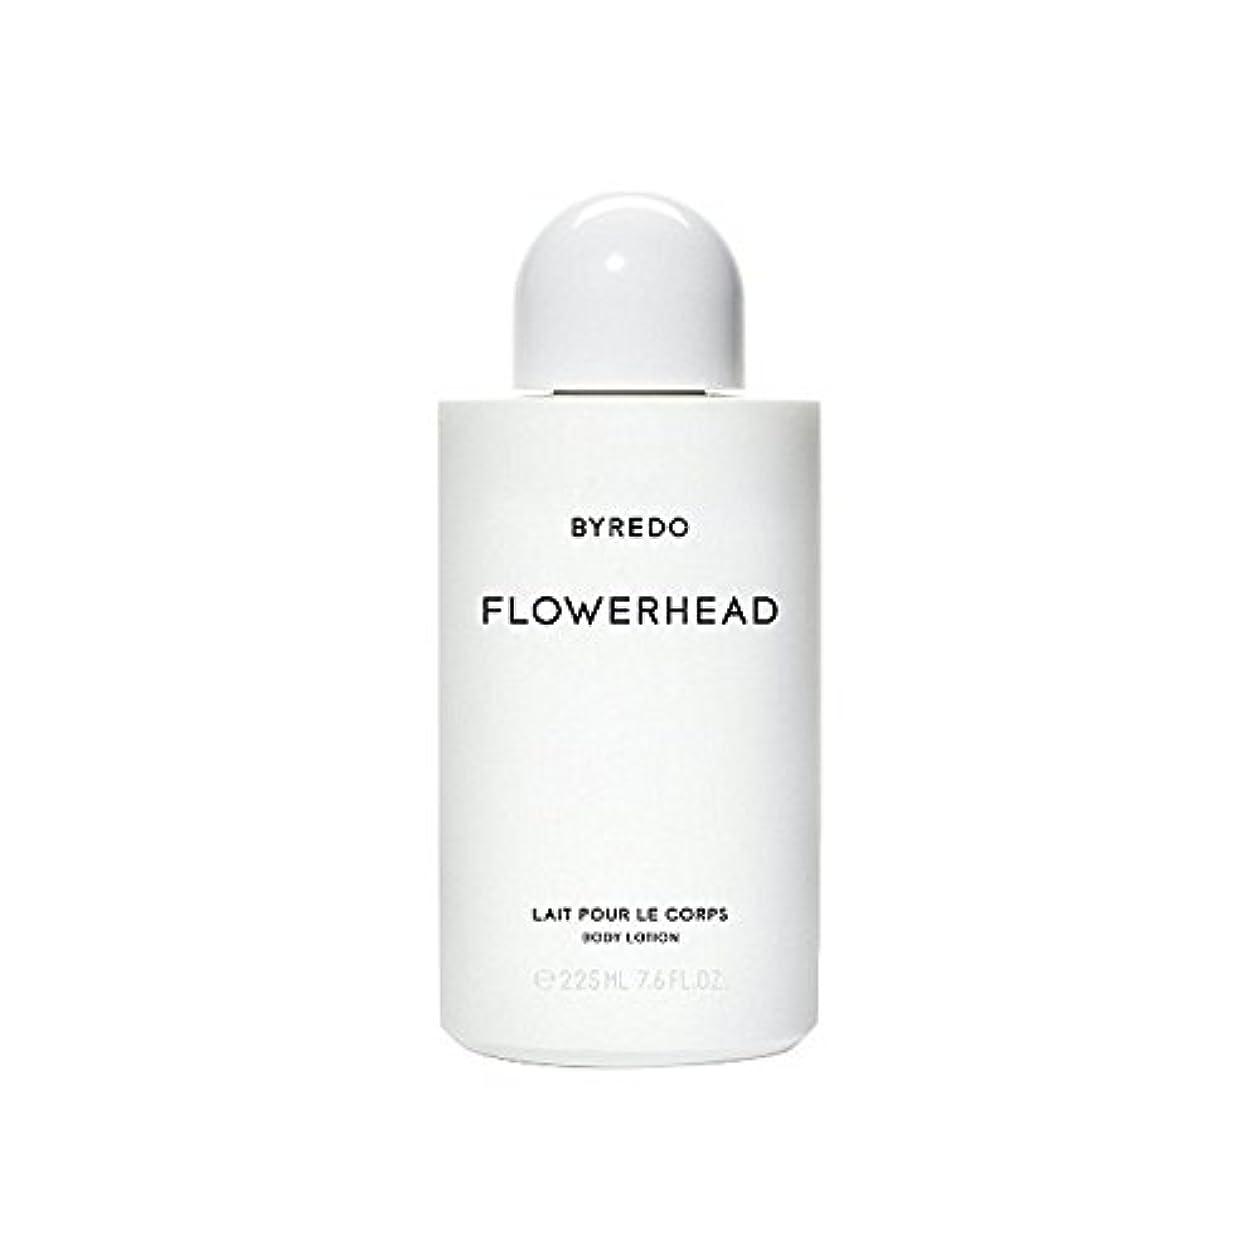 最愛の労働圧力ボディローション225ミリリットル x4 - Byredo Flowerhead Body Lotion 225ml (Pack of 4) [並行輸入品]